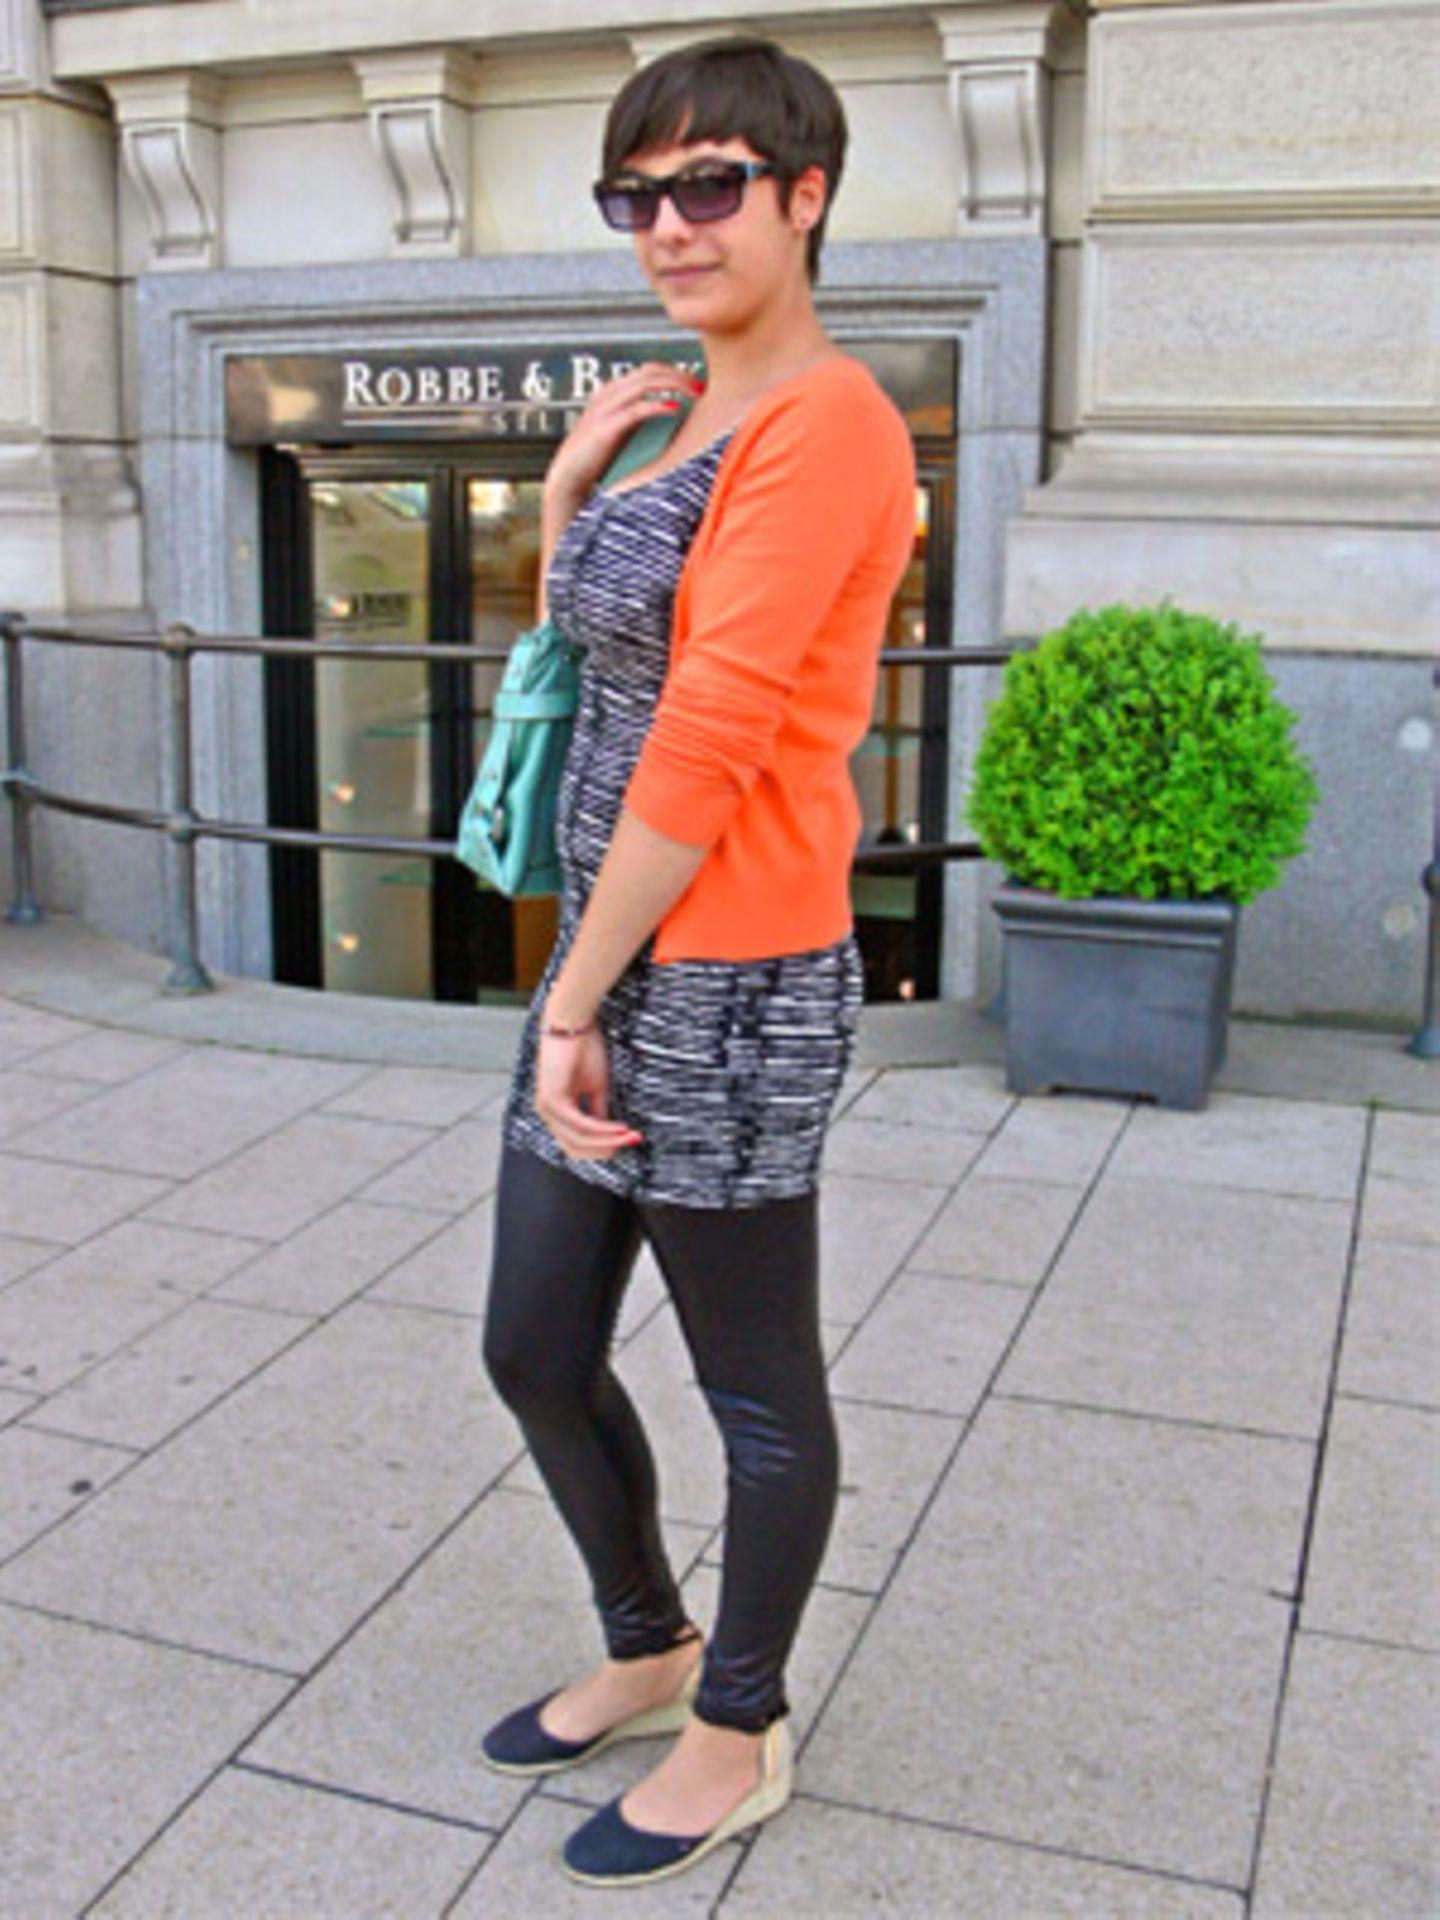 Hilje, 16, trägt eine Kombination aus Zebrakleid (H&M) und einer poppig orangefarbenen Strickjacke (H&M). Damit liegt sie voll im Trend, denn Knallfarben sind ebenso angesagt wie Animalprints. Einen schönen Kontrast schafft Hilje's türkisfarbene Tasche (Fossil). Die Schuhe mit Keilabsatz (Tommy Hilfiger) und die XXL-Brille (Kangol) runden den Look ab.